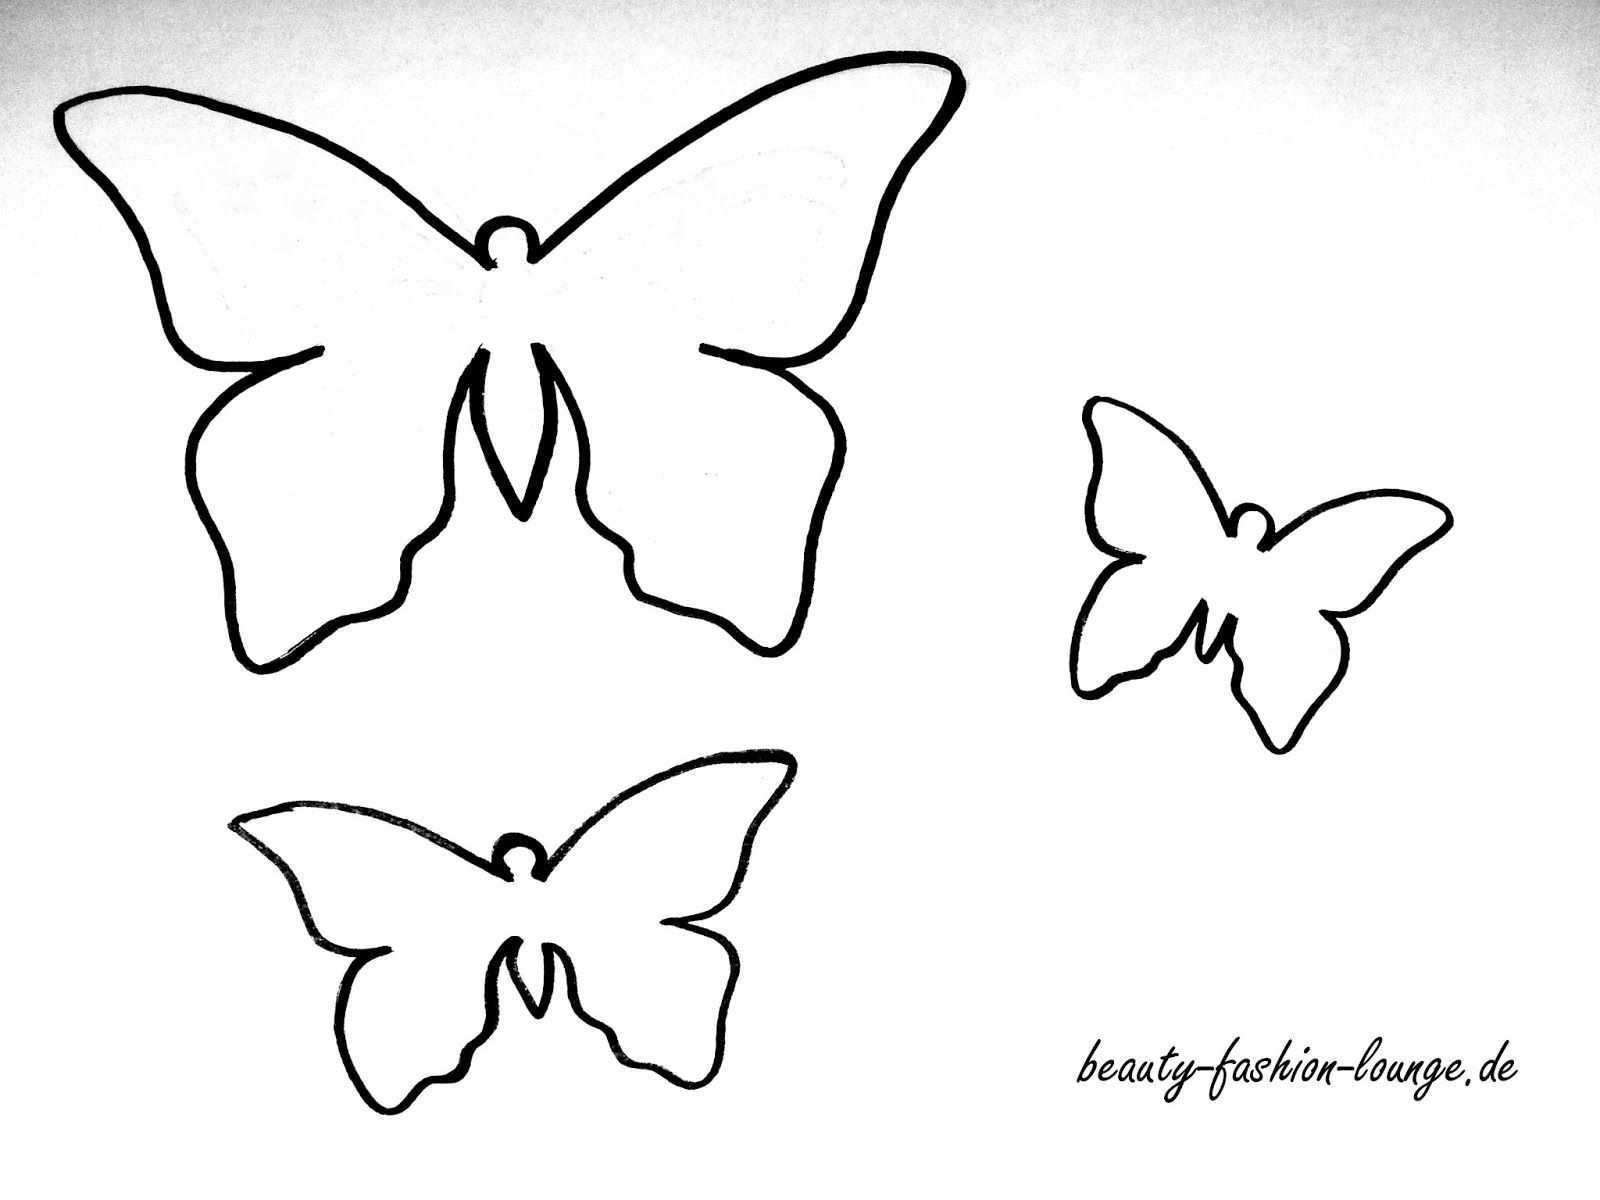 Malvorlagen Malvorlagenfurkinder Malvorlagenfurerwachsene Schmetterling Vorlage Malvorlagen Malvorlage Schmetterling